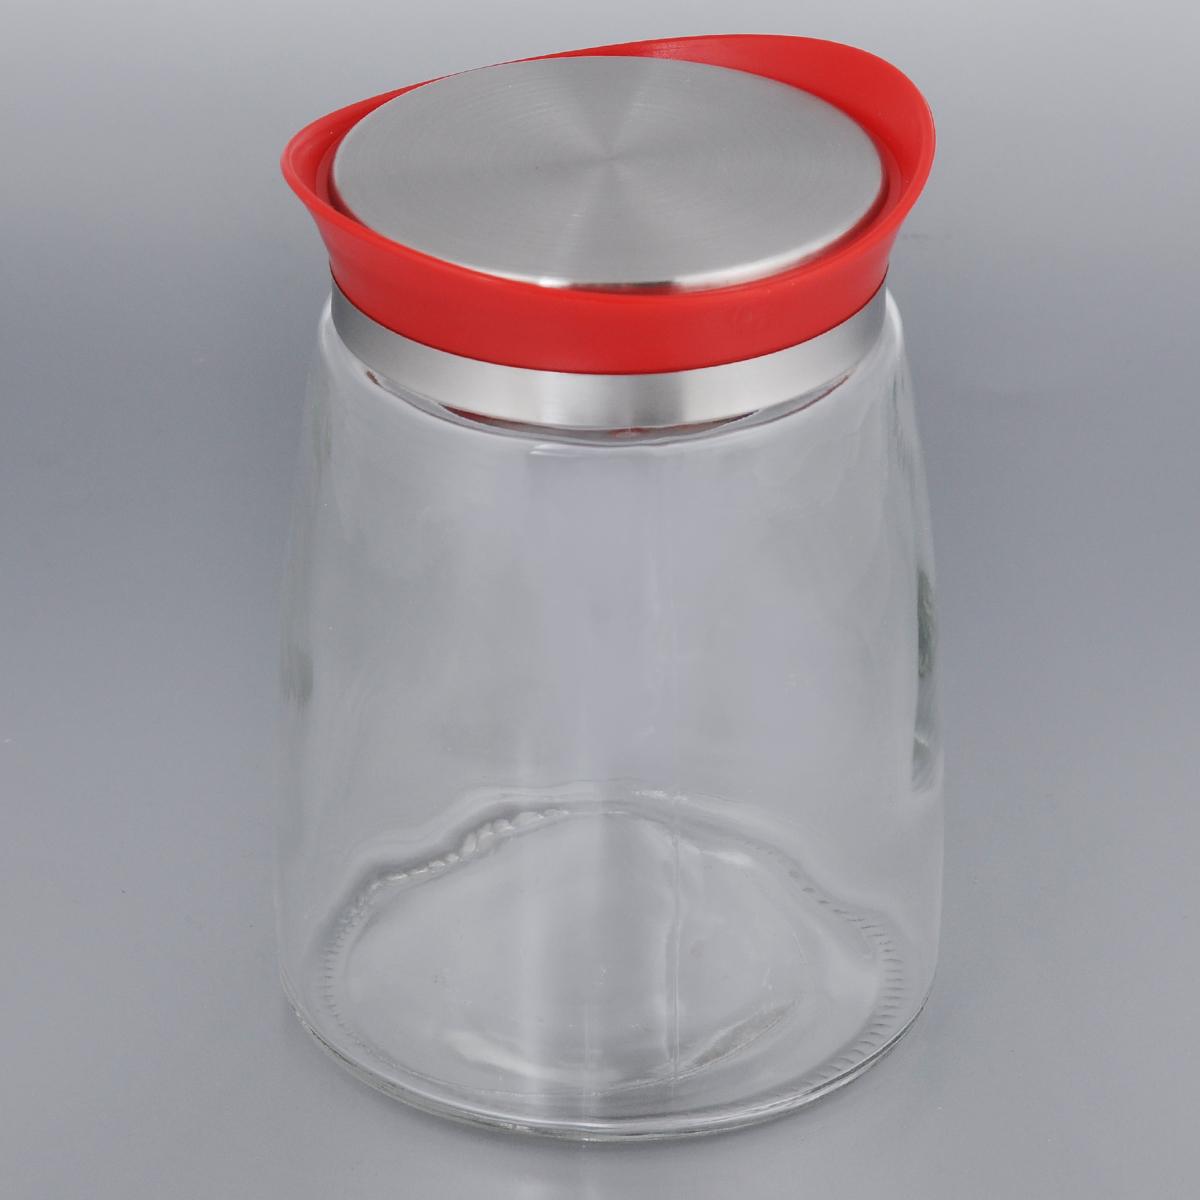 Банка для сыпучих продуктов Bohmann, цвет: красный, 1,3 л01340BHG/NEWЕмкость для сыпучих продуктов Bohmann изготовлена из прочного прозрачного стекла. Банка снабжена пластиковой крышкой с металлической вставкой, которая плотно и герметично закрывается, дольше сохраняя аромат и свежесть содержимого. Изделие предназначено для хранения различных сыпучих продуктов: круп, чая, сахара, орехов и многого другого. Функциональная и вместительная, такая банка станет незаменимым аксессуаром на любой кухне. Диаметр (по верхнему краю): 8,5 см. Высота (без учета крышки): 16,5 см. Высота (с учетом крышки): 17,5 см.